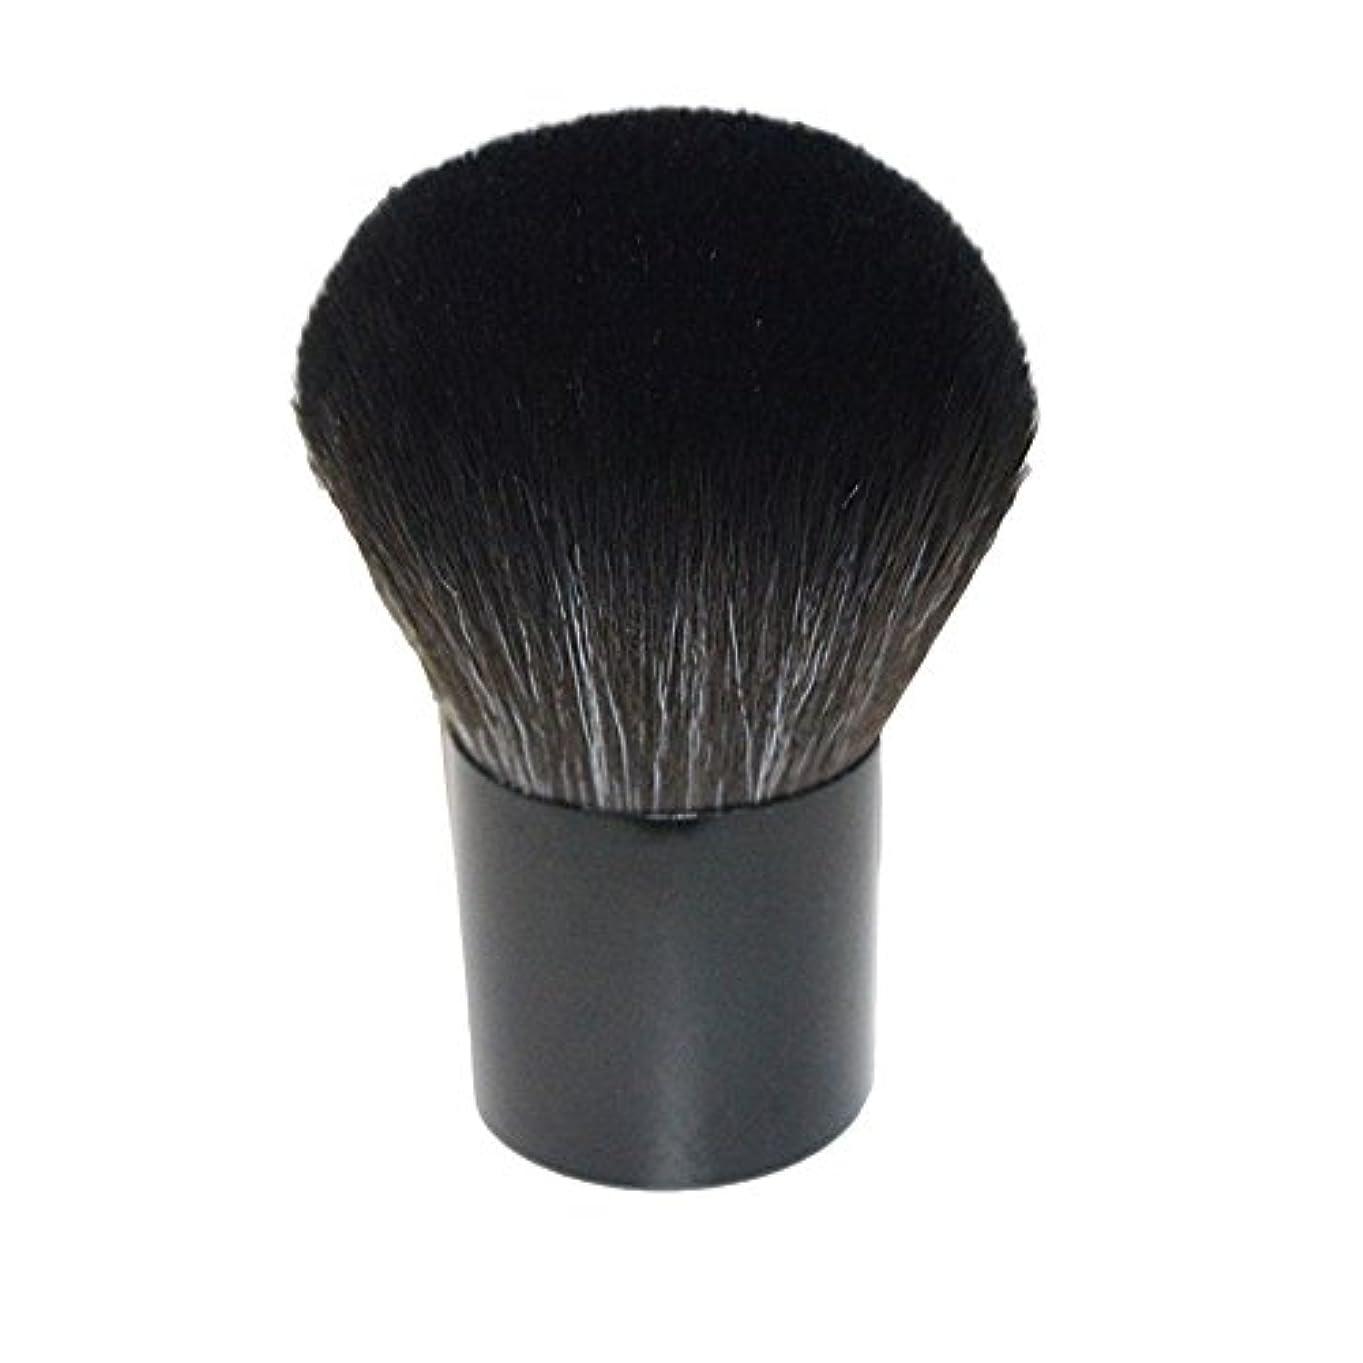 リスクマットレス試み笑え熊 化粧筆 コスメブラシ 化粧ブラシ 多機能メイクブラシケース 扇形 ハイライト 毛質ふわふわ 激安 オススメ (ブラック2)